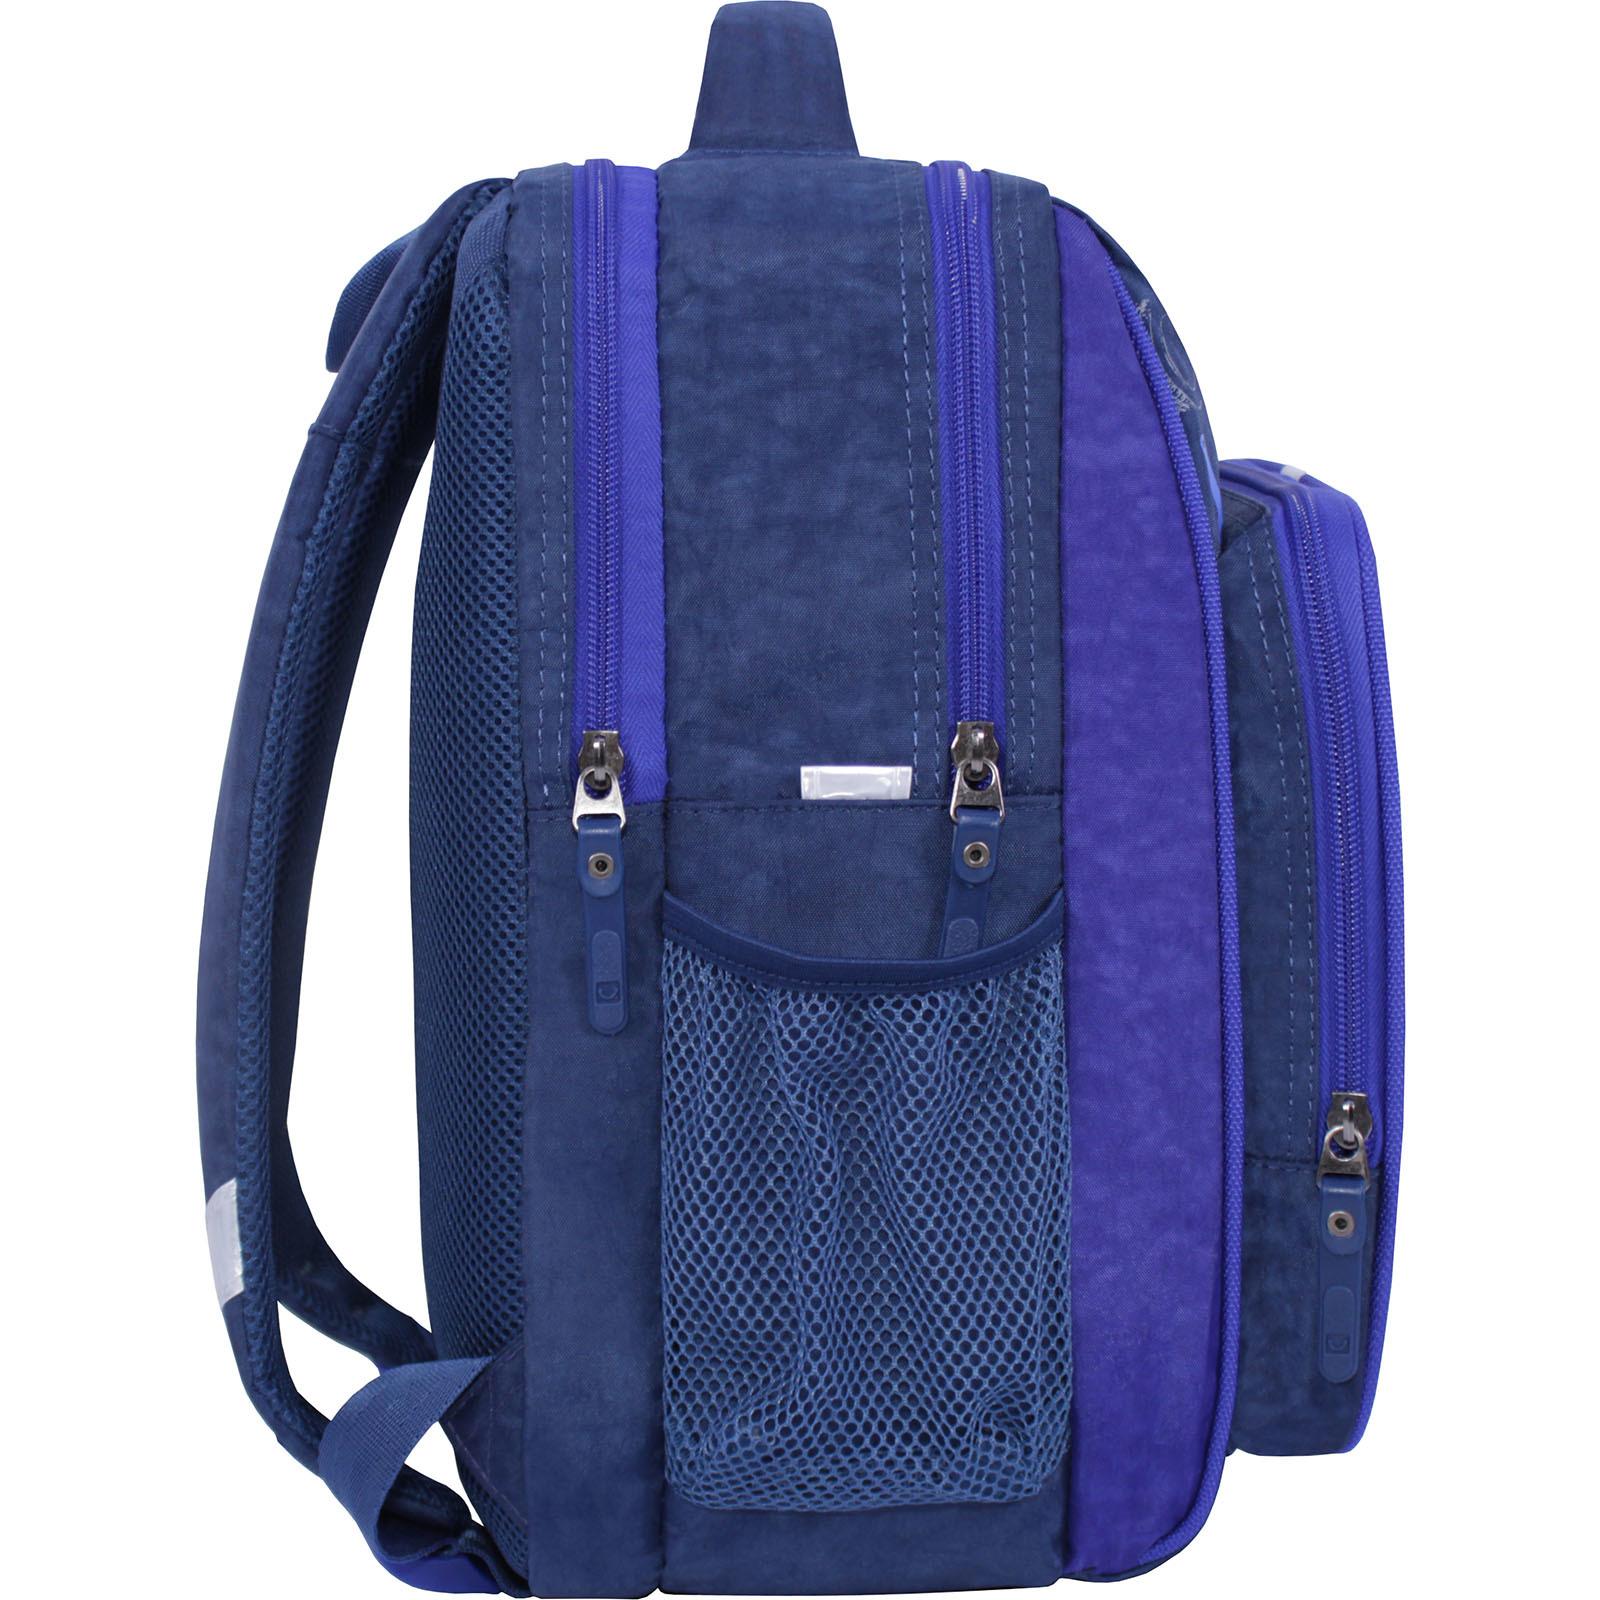 Рюкзак школьный Bagland Школьник 8 л. синий 555 (0012870) фото 2